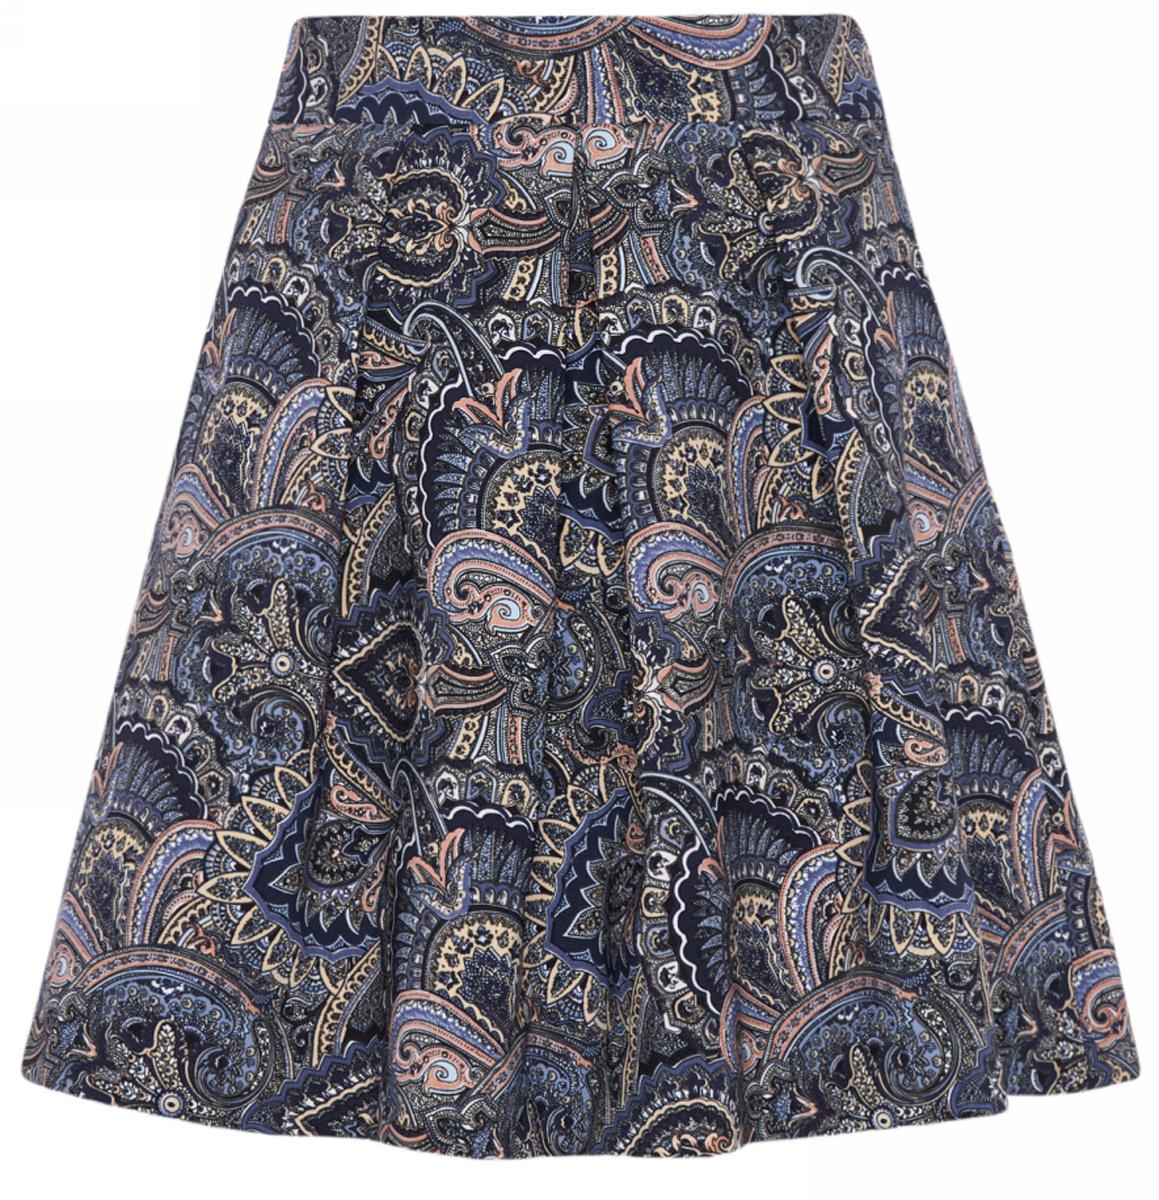 Юбка oodji Ultra, цвет: синий, бежевый. 11600396-2/45559/7533E. Размер 34-170 (40-170)11600396-2/45559/7533EРасклешенная юбка со встречными складками выполнена из высококачественного материала с этническим рисунком. Модель застегивается на потайную застежку-молнию.